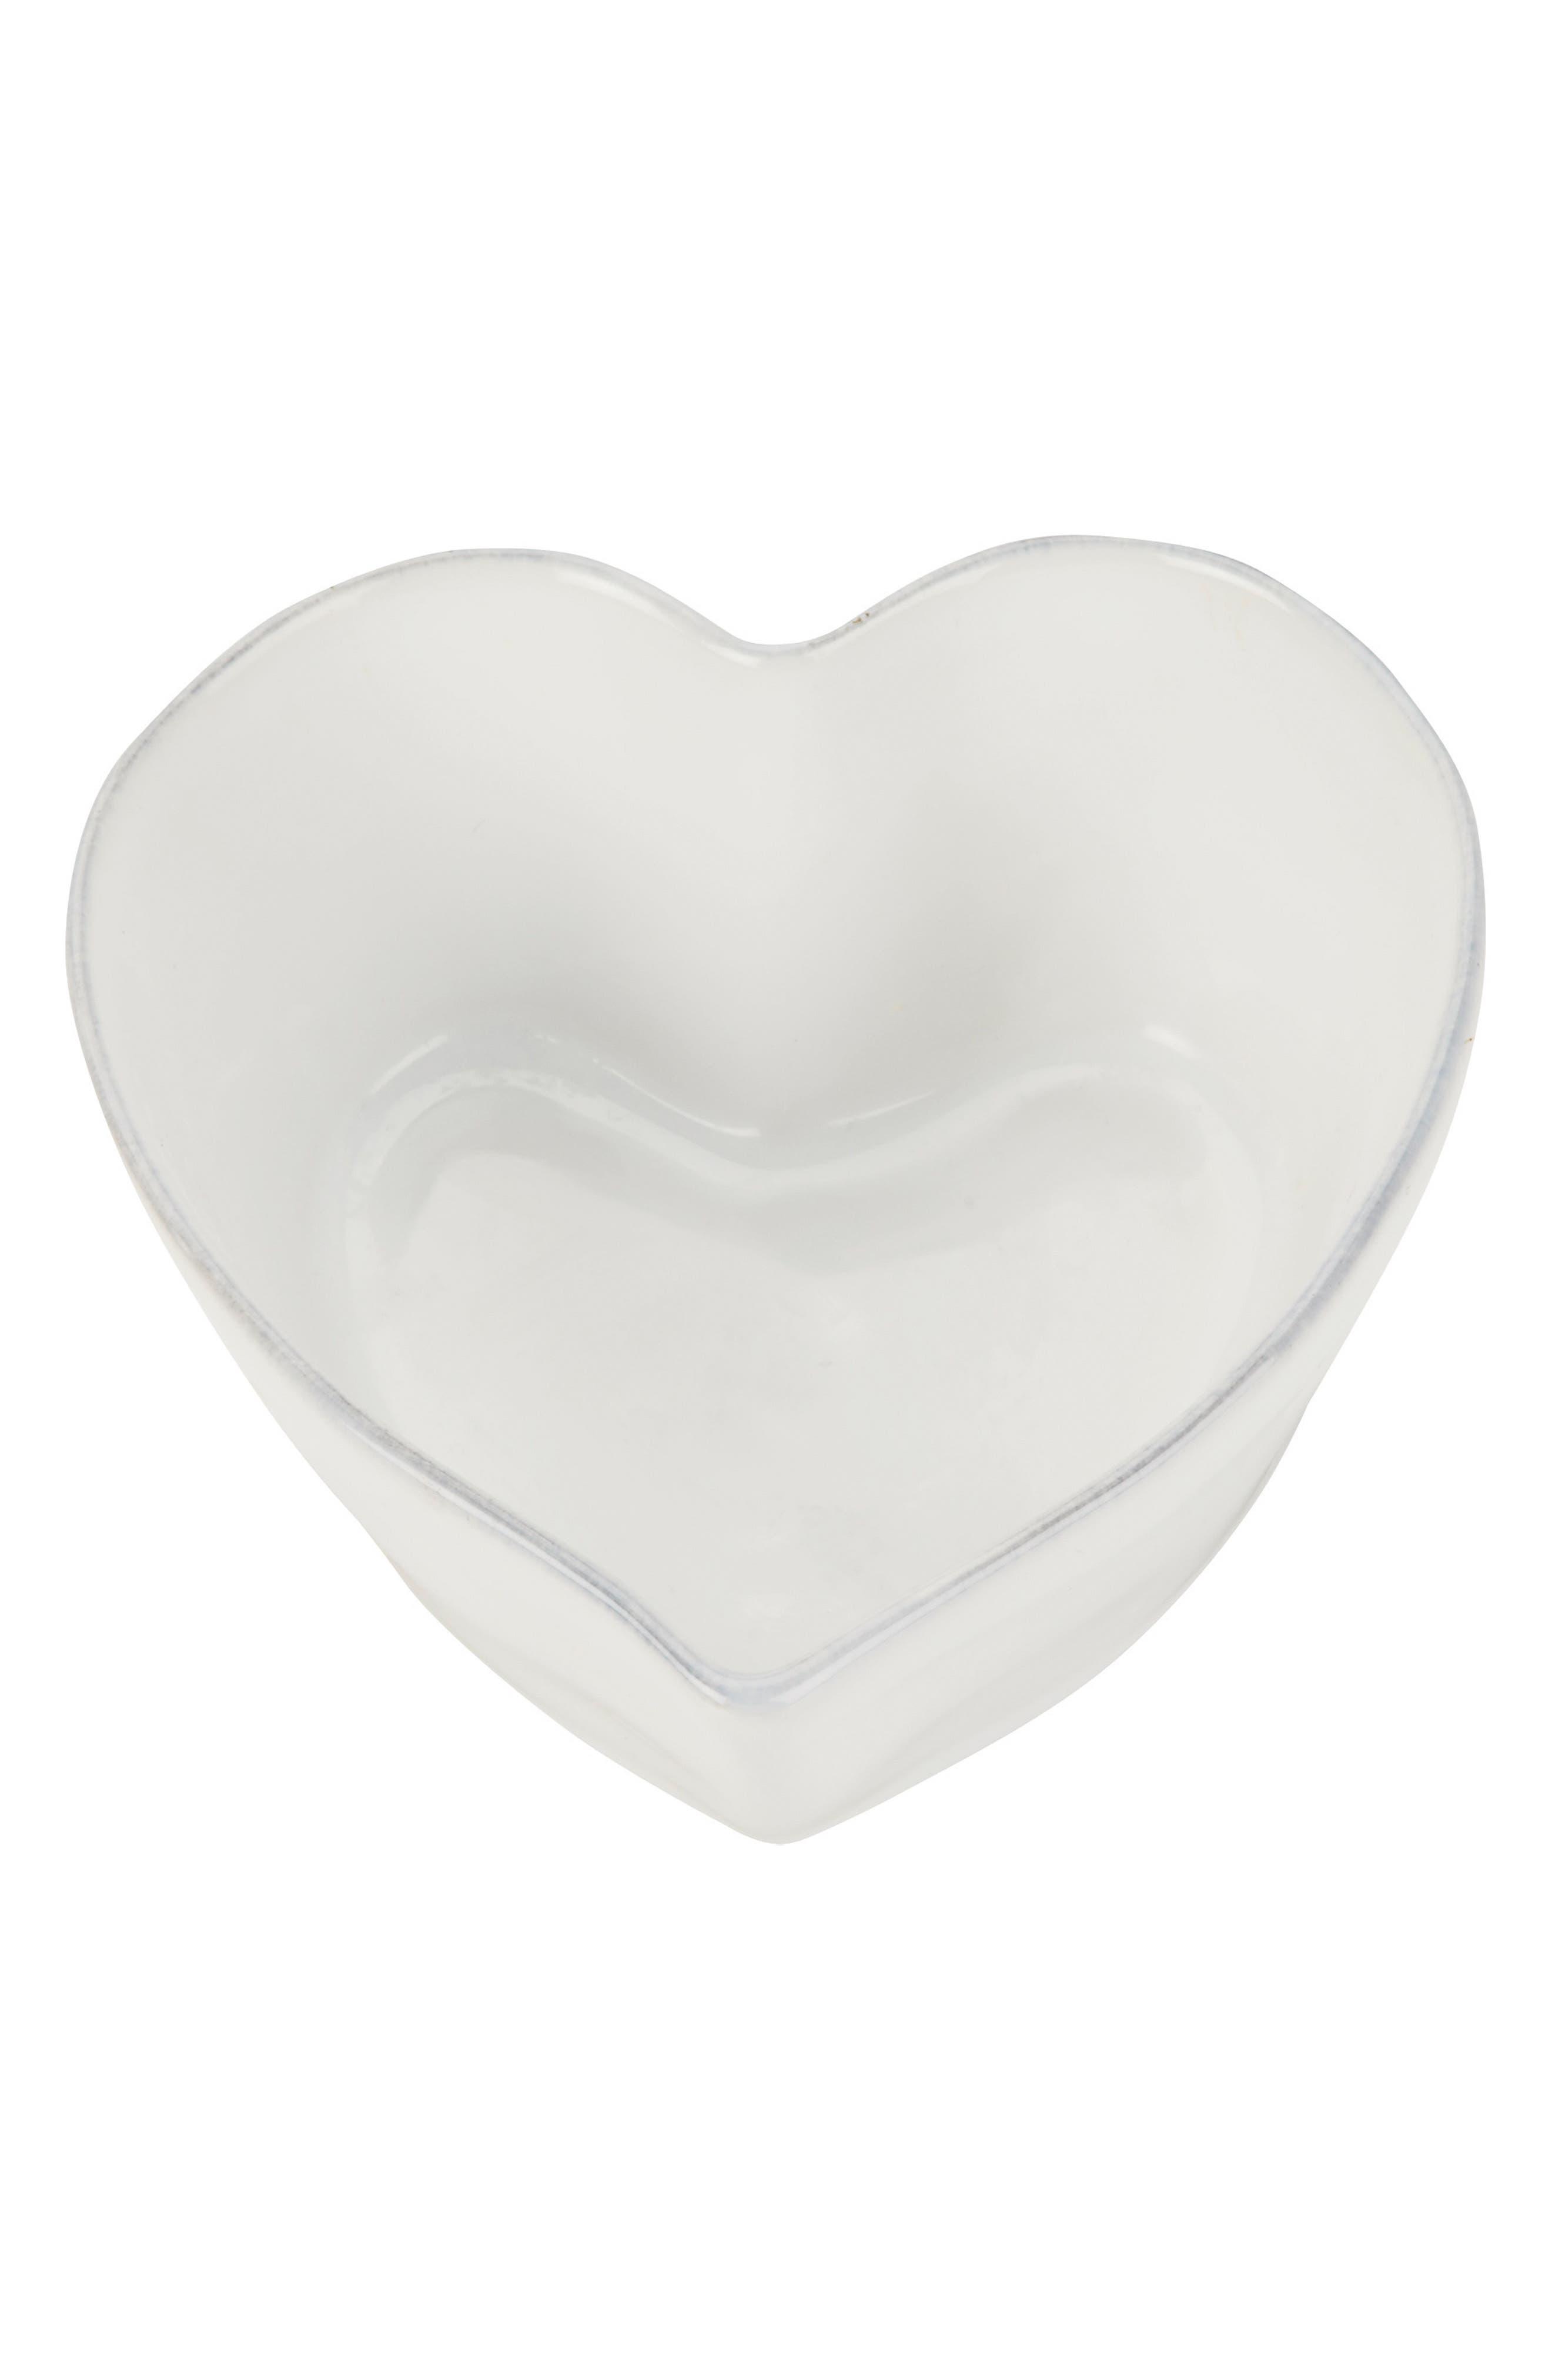 Porto Stoneware Heart Roaster,                         Main,                         color, 100